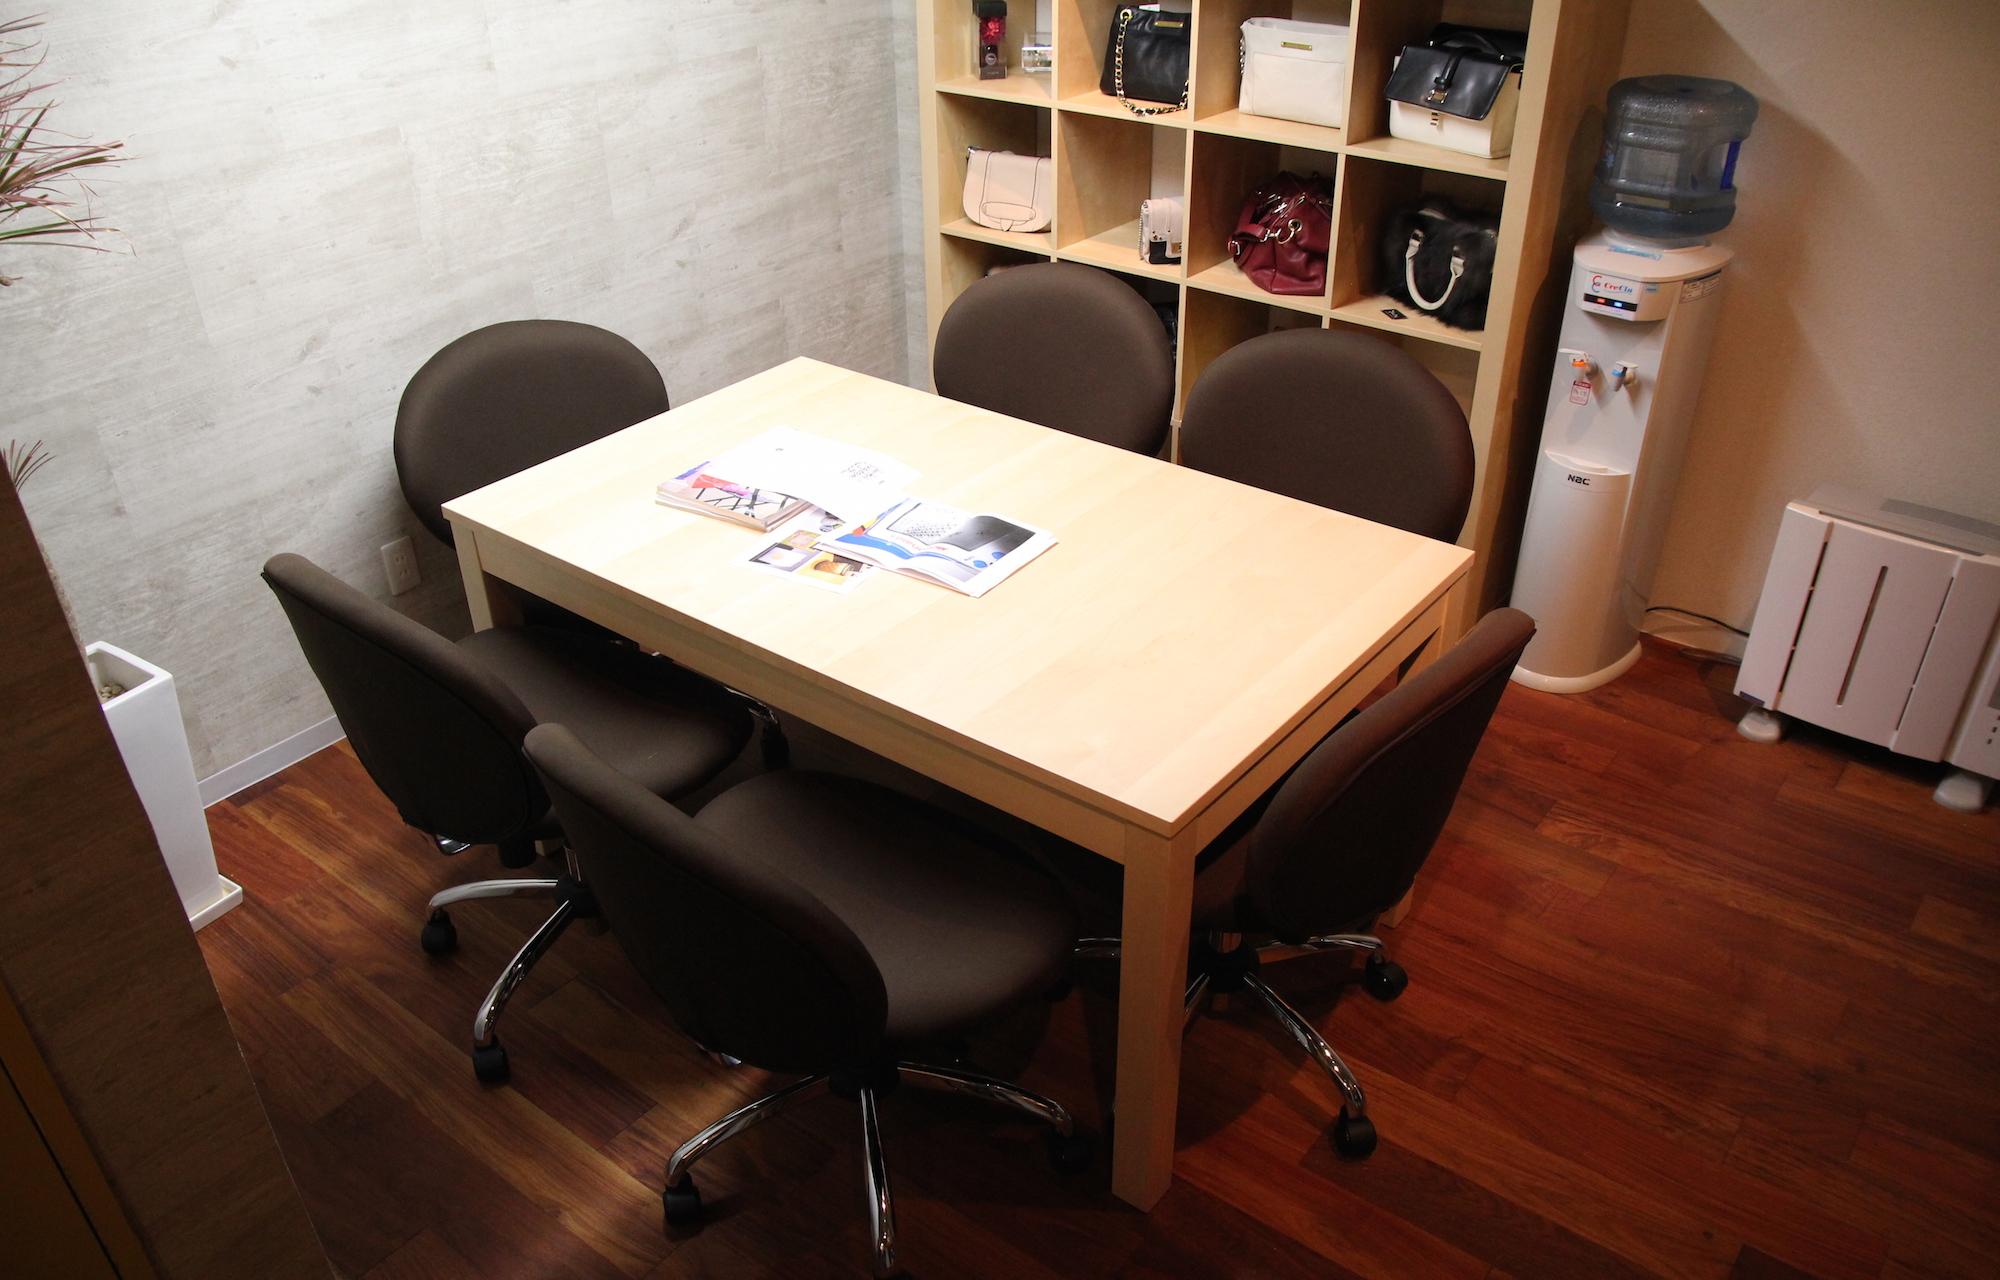 株式会社マニージャパンインク Meeting Space デザイン・レイアウト事例